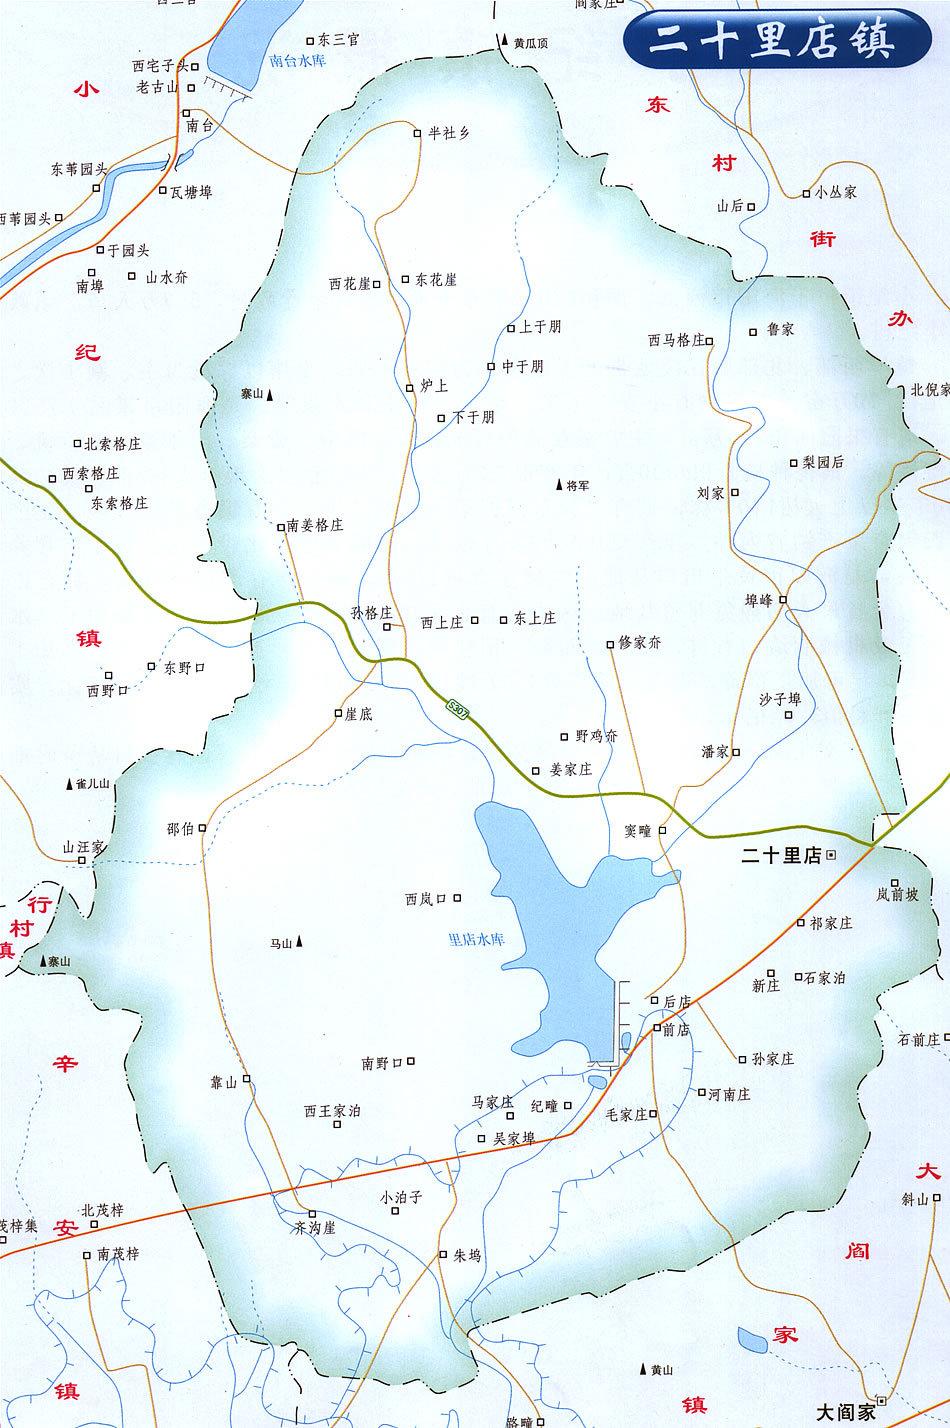 蔡氏兄弟从山西省洪洞县迁此